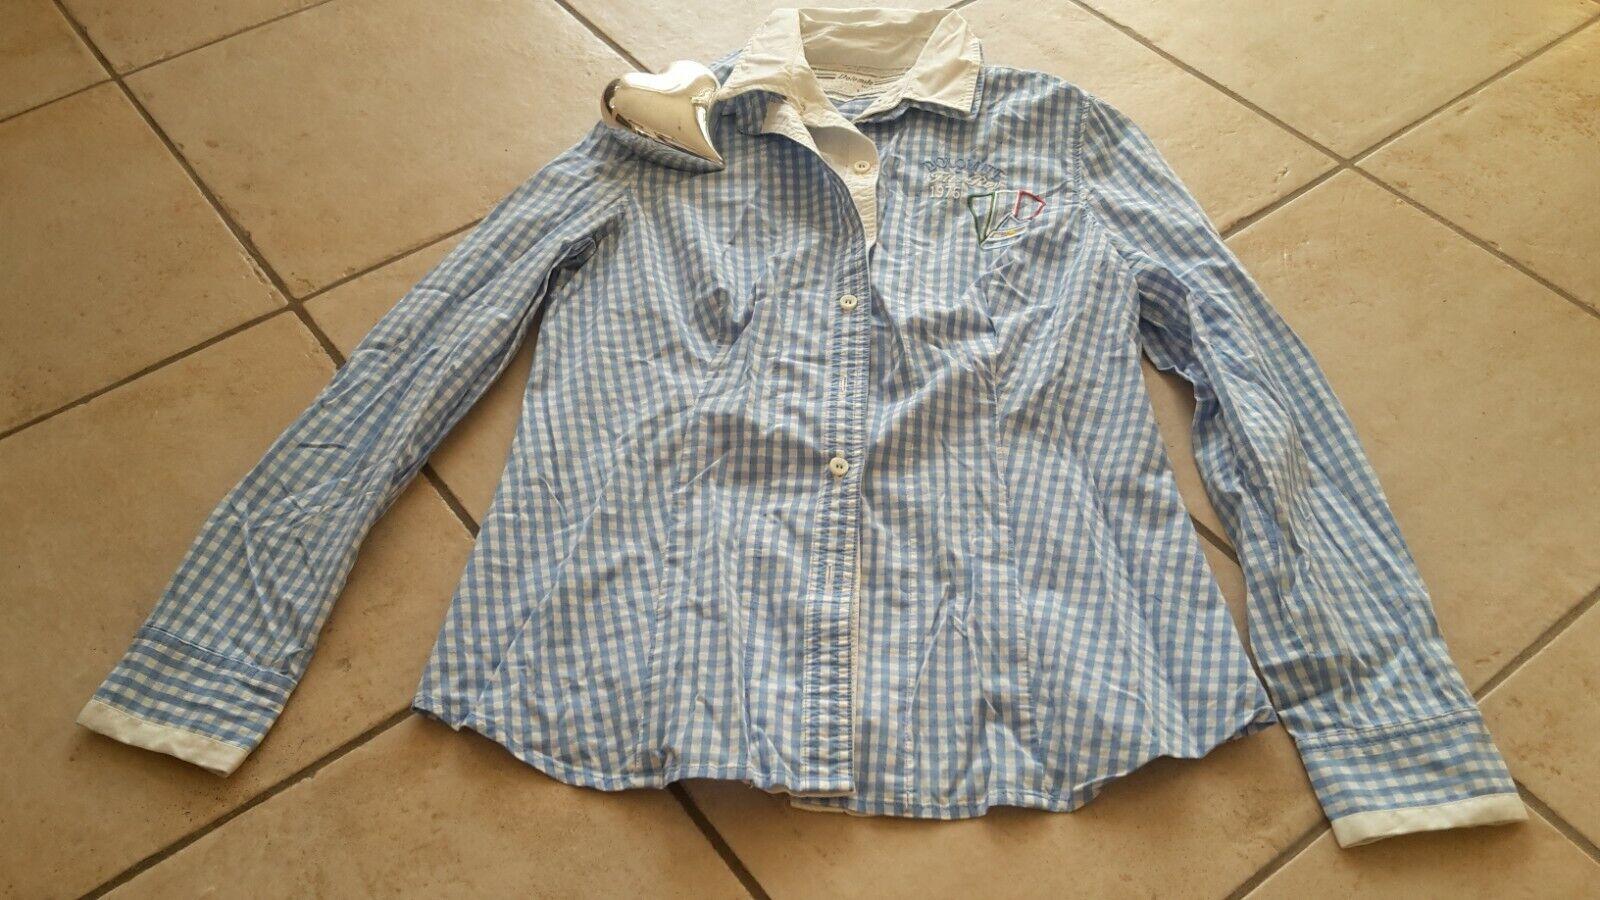 Bluse langarm Damen, tailliert,kariert, Stickerei, hellblau/weiß, Gr.M, Dolomite